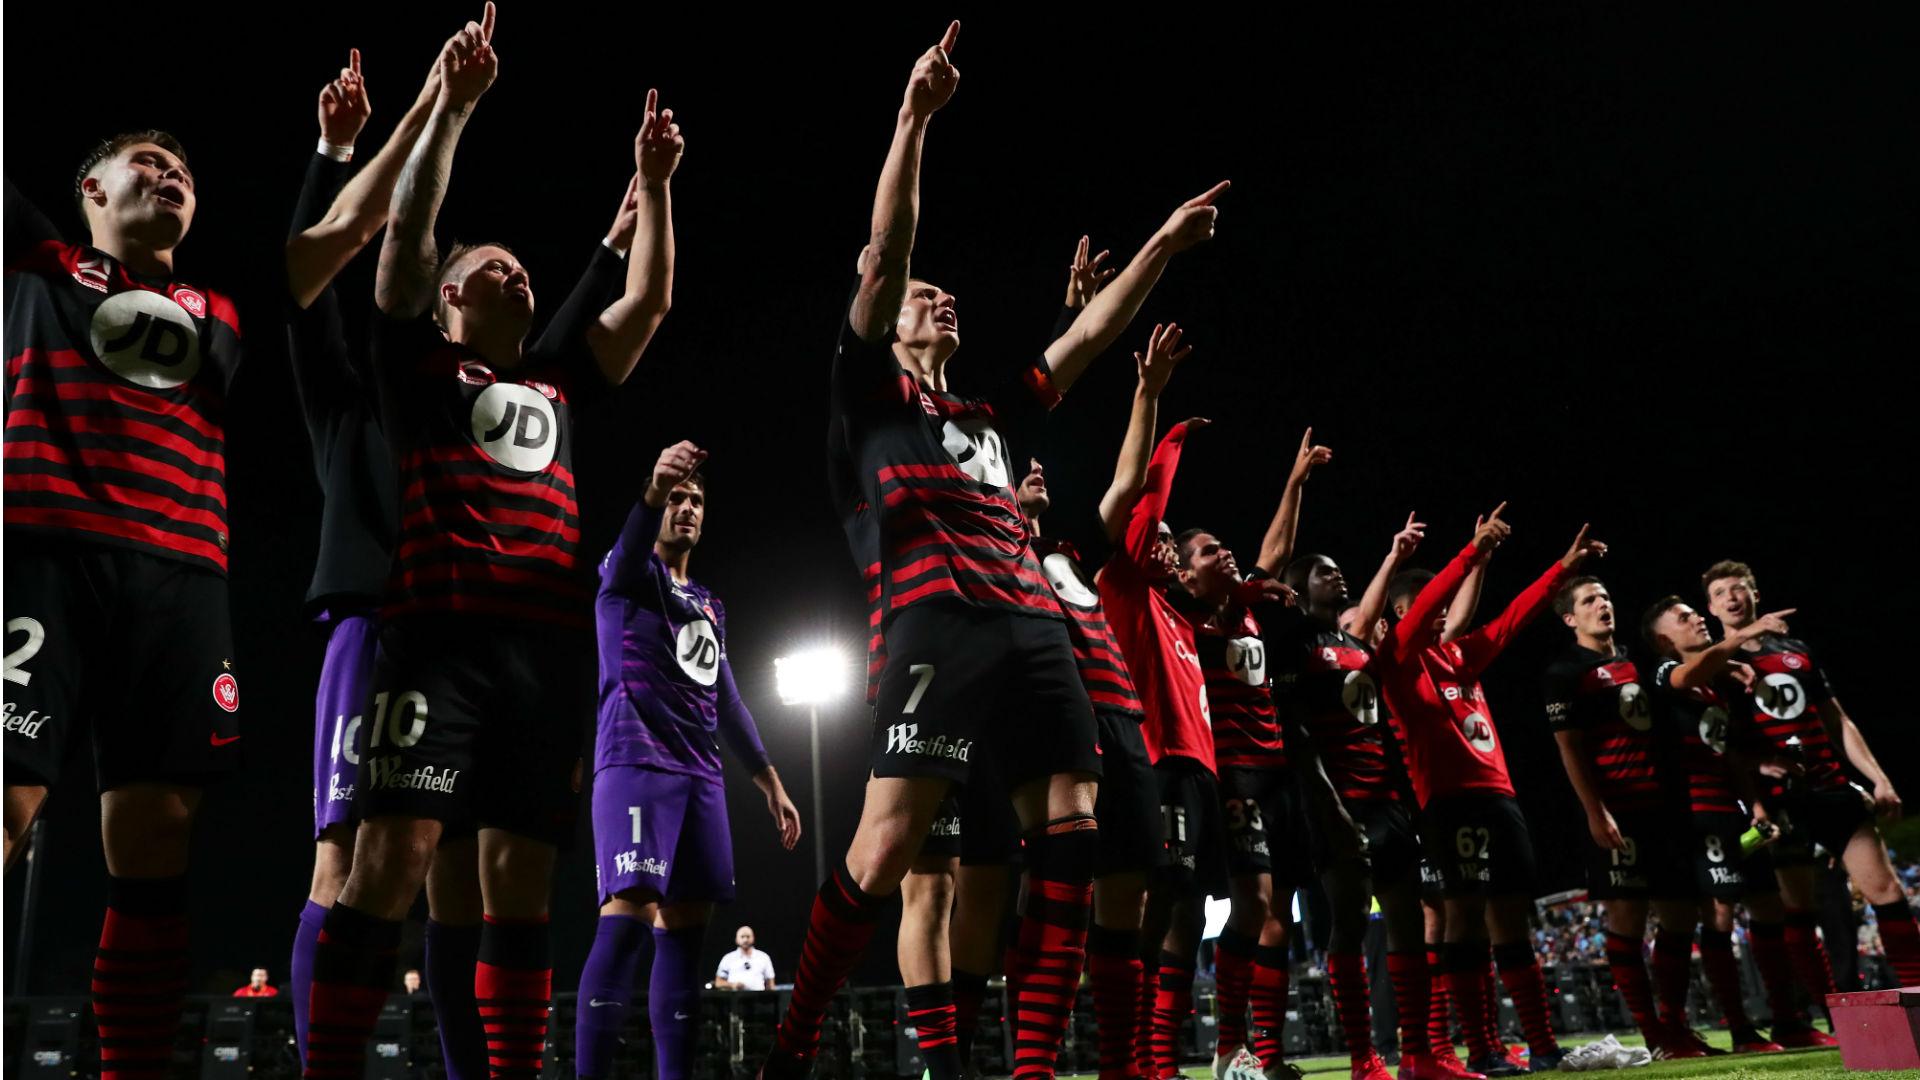 Sydney FC 0-1 Western Sydney Wanderers: Duke ends leaders' unbeaten run